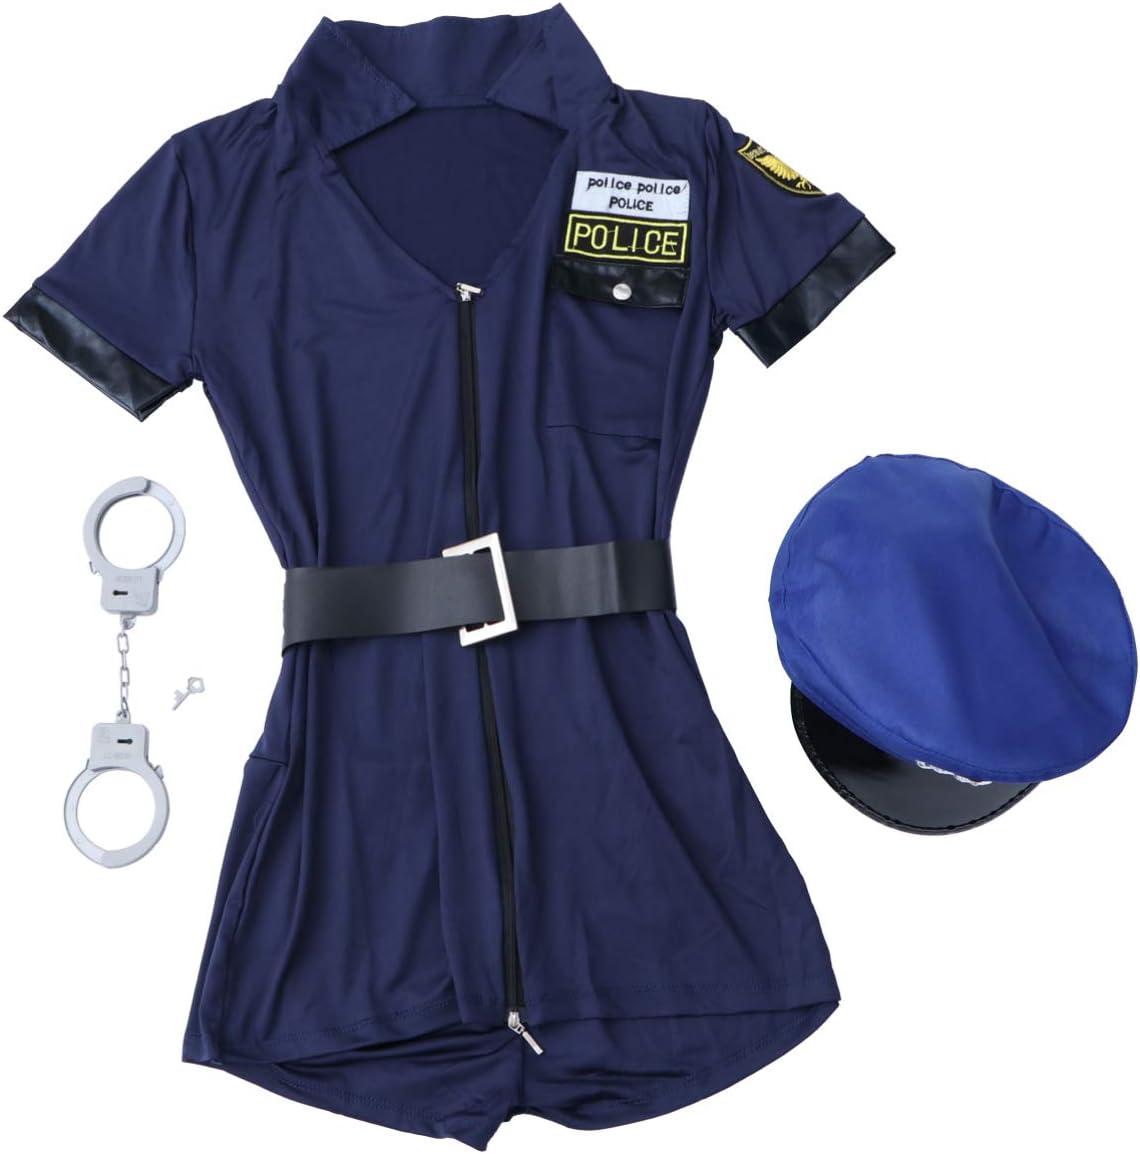 Amosfun Uniforme de la policía Sucia de Las Mujeres Vestido Sexy de la policía Ropa Oficial del Oficial para Objetos de Escena Cosplay Luna de Miel Fiesta en Disfraz 1 Juego de: